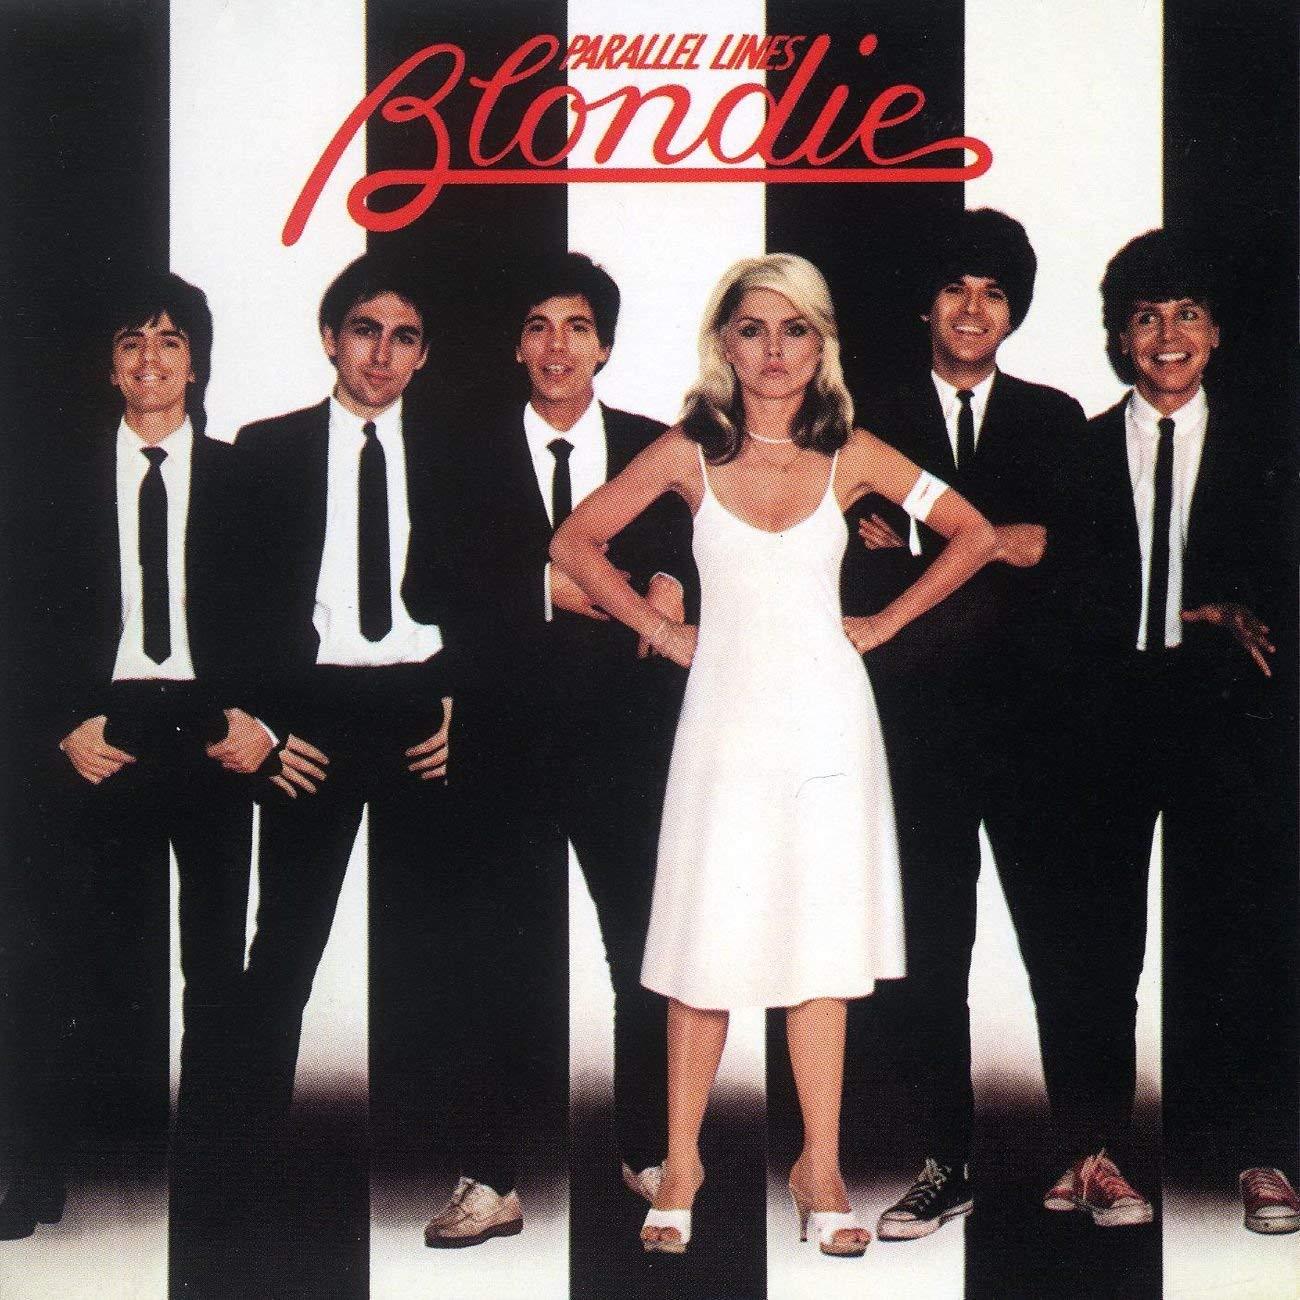 Blondie - Parallel Lines Limited Edition LP - Vinyl - £9.99 (+£2.99 Non Prime) @ Amazon